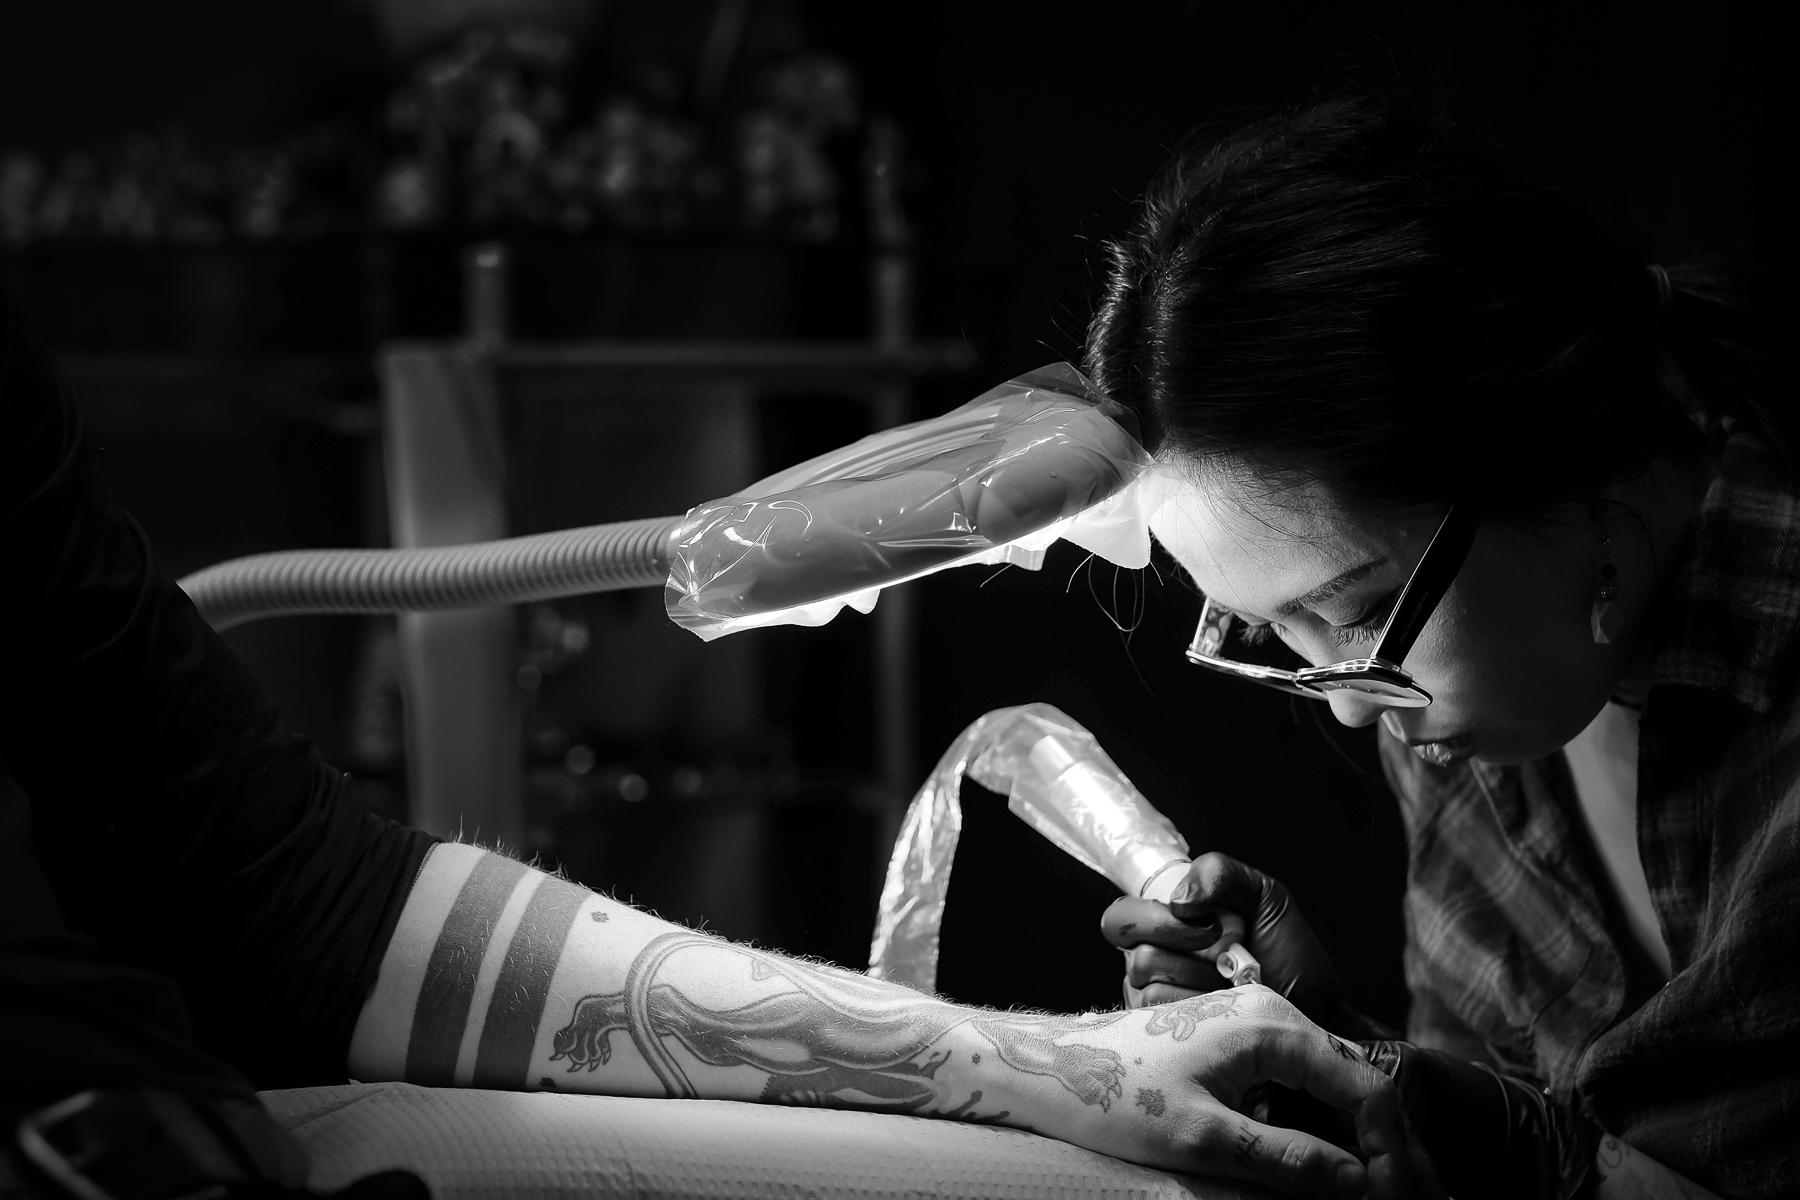 Reny Tattoos is Toronto's best tribal tattoo artist